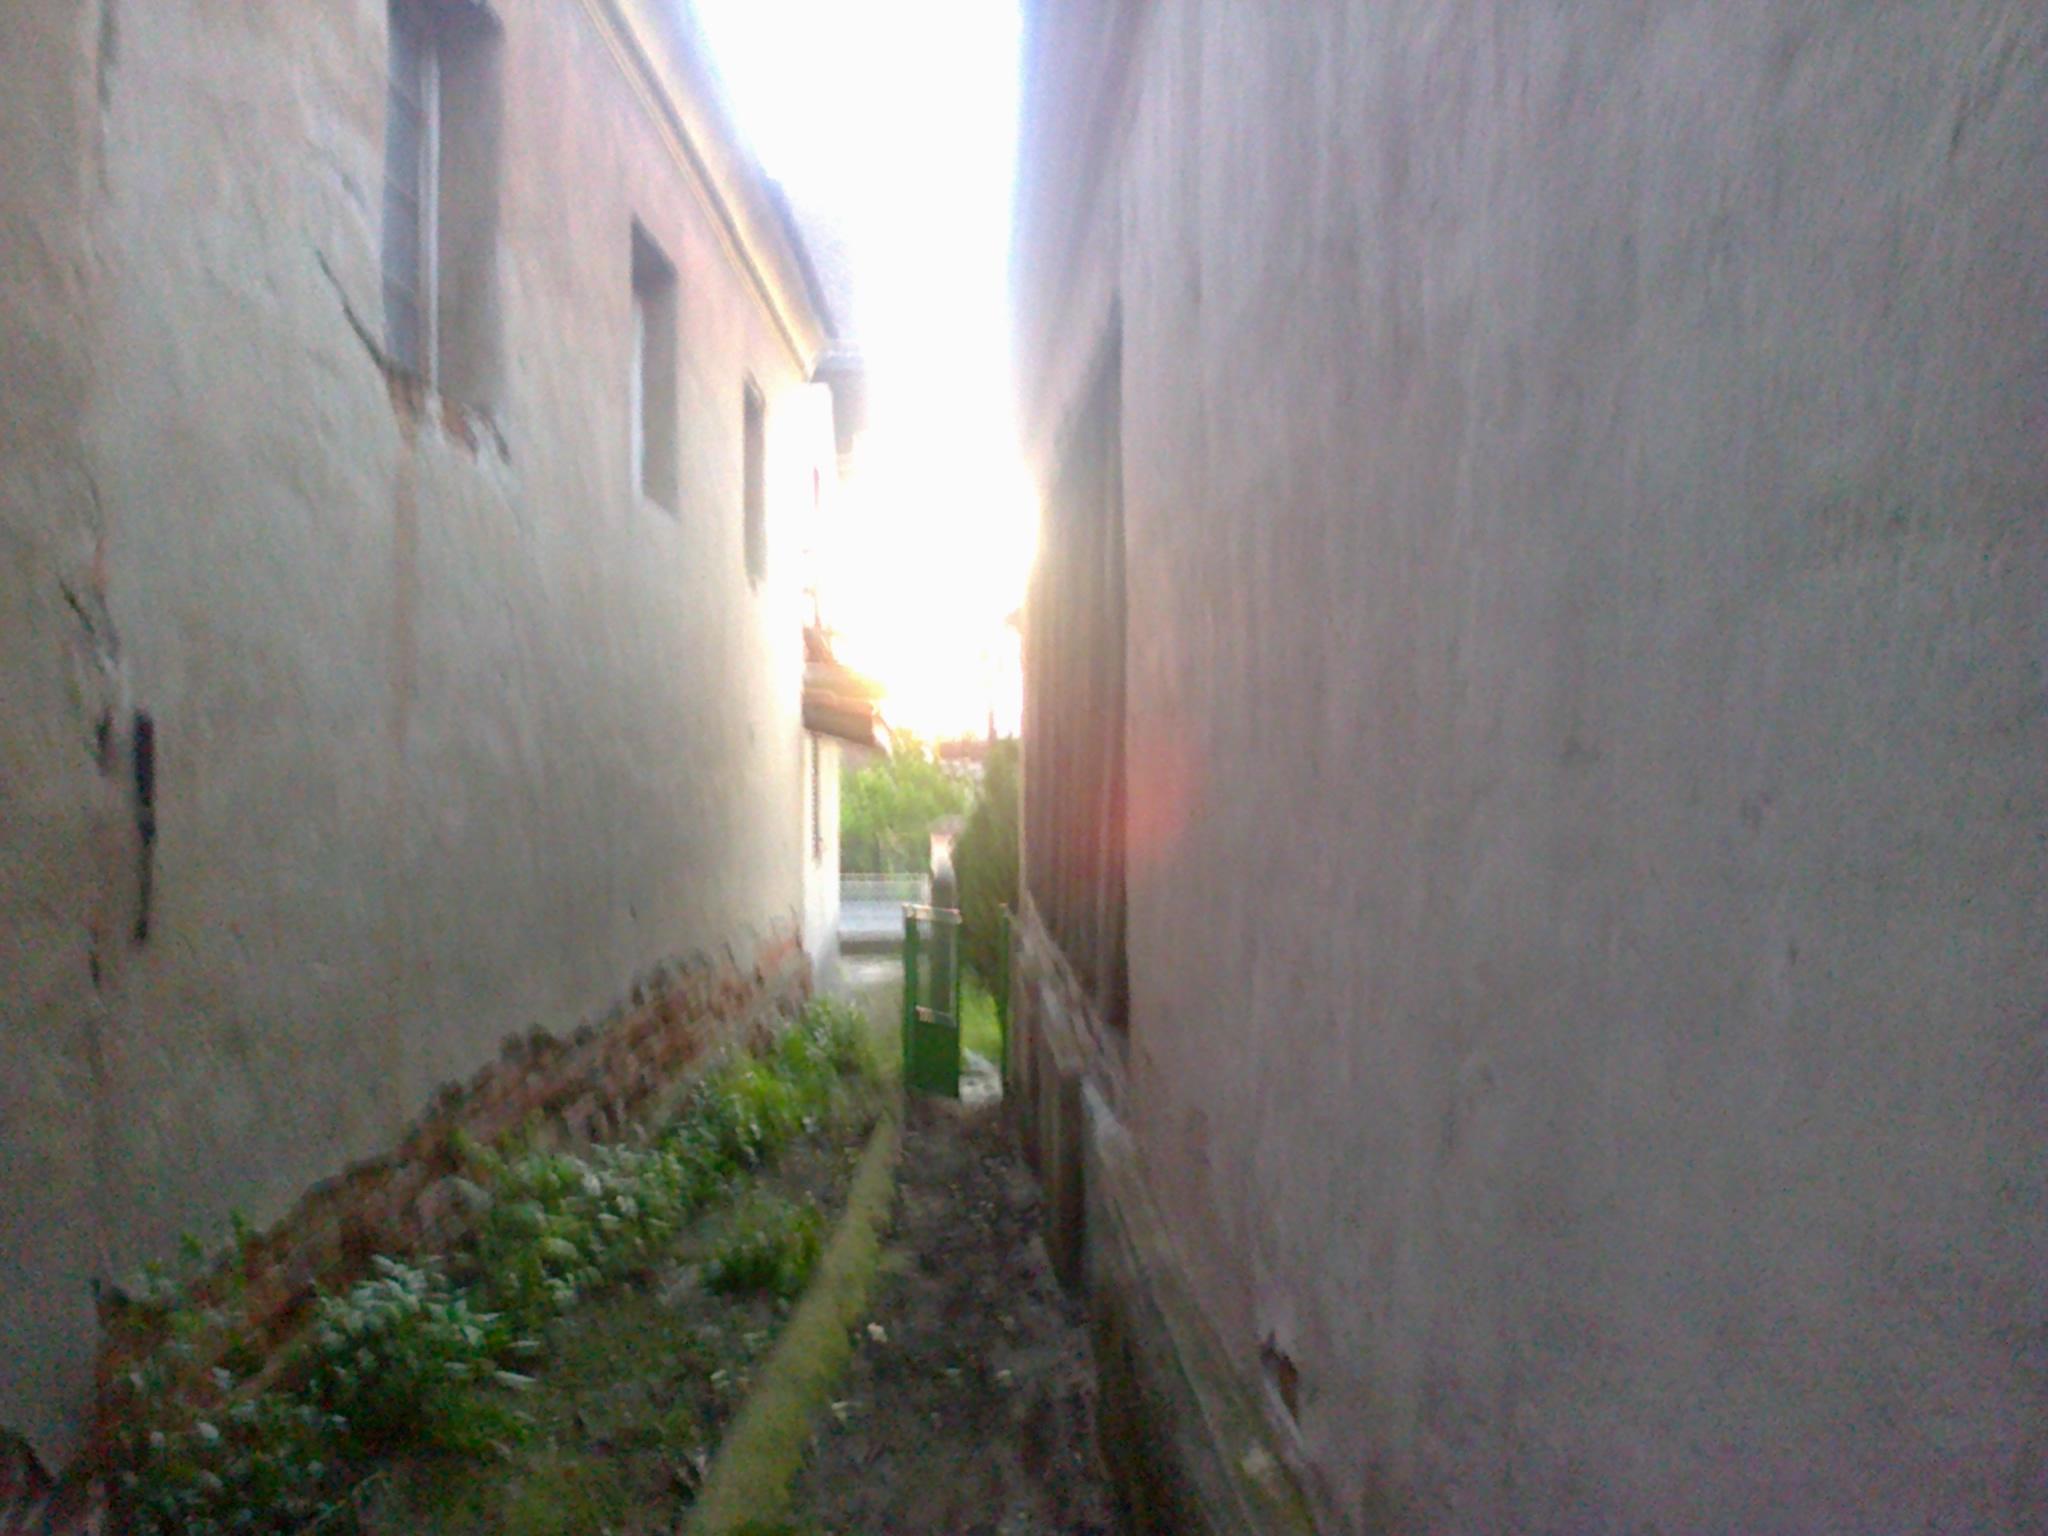 Између зидова и малтера кућа, и година, деценија (Звижд, Мишљеновац, мај 2014)